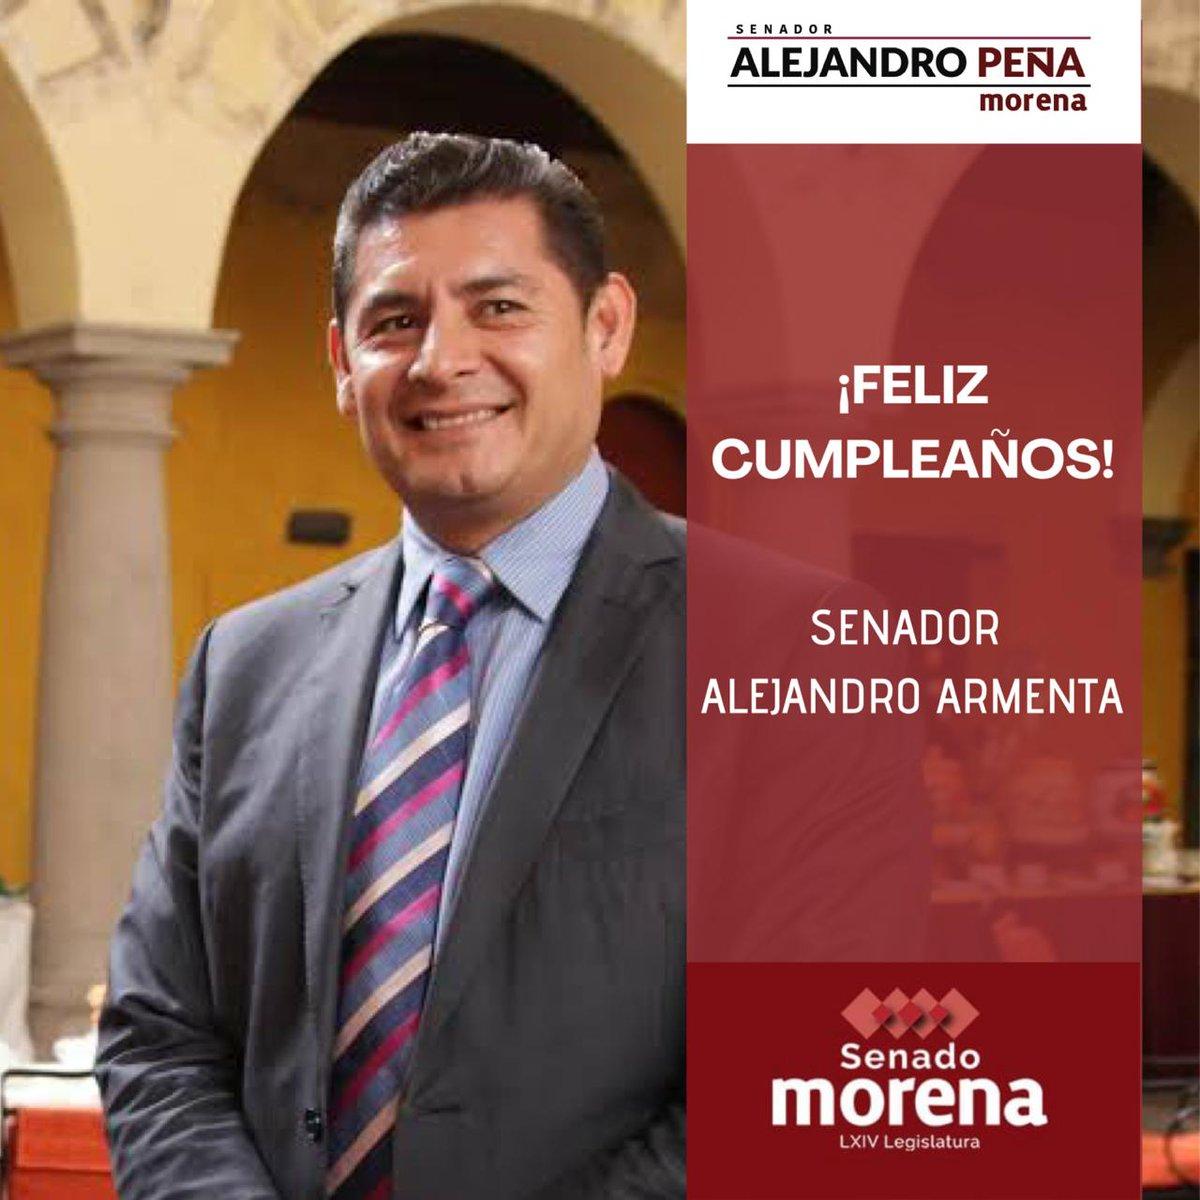 Deseo un feliz cumpleaños a mi compañero y amigo en @MorenaSenadores, Senador @armentaconmigo, los mejores deseos y éxitos. Te mando un afectuoso abrazo🎂 https://t.co/mFIwYP0RW5